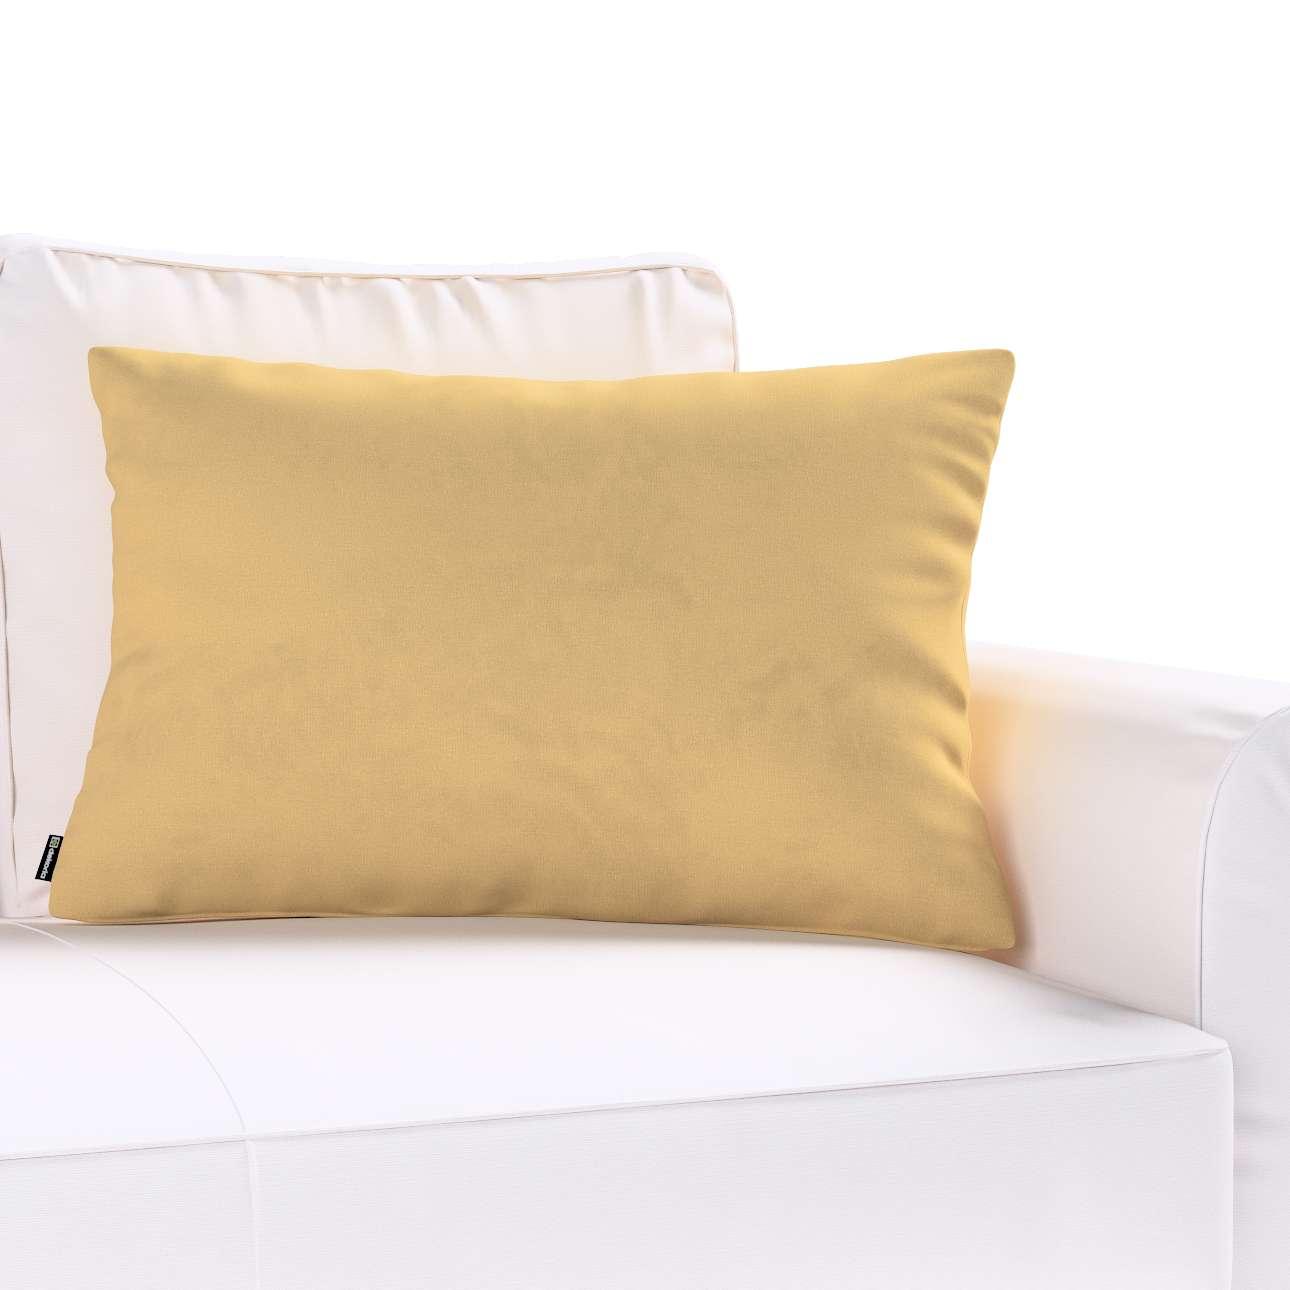 Poszewka Kinga na poduszkę prostokątną w kolekcji Living, tkanina: 160-93